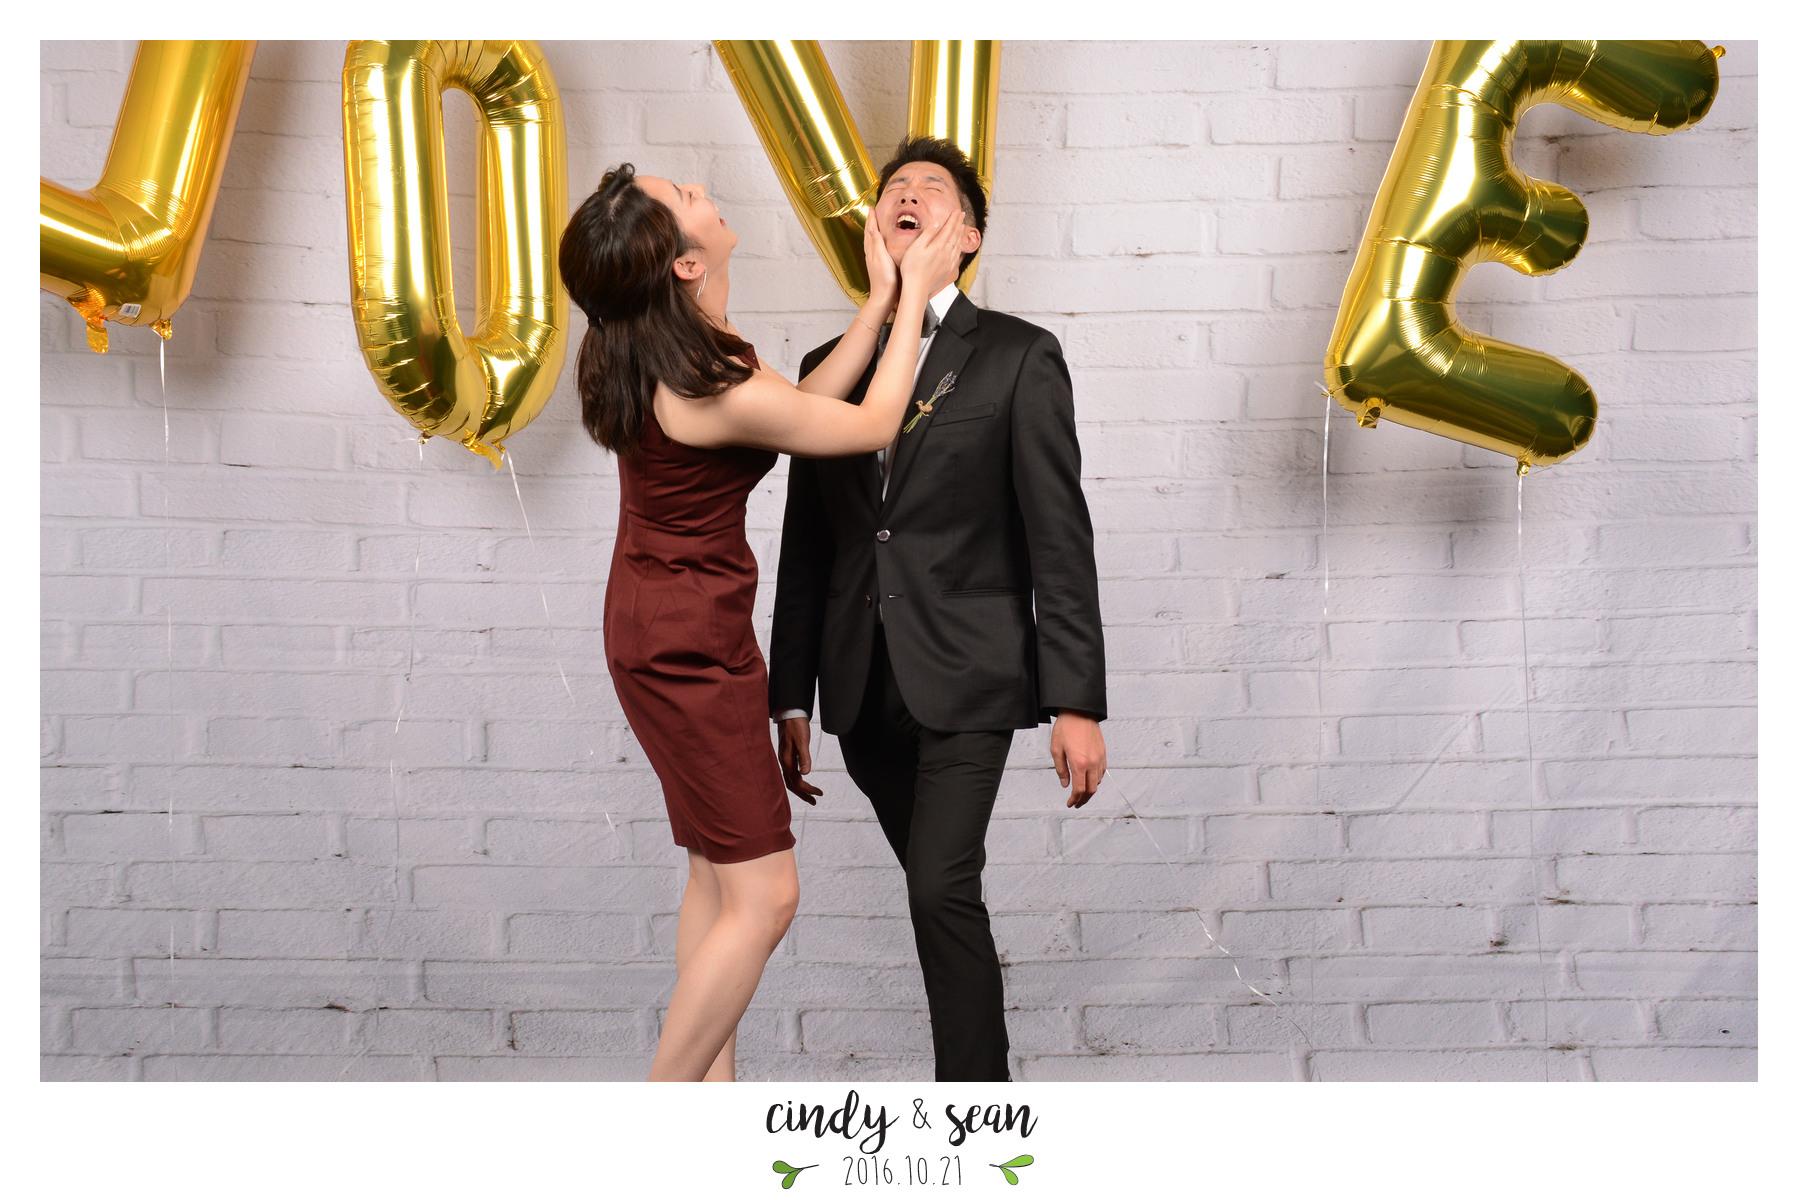 Cindy Sean Bae - 0001-98.jpg